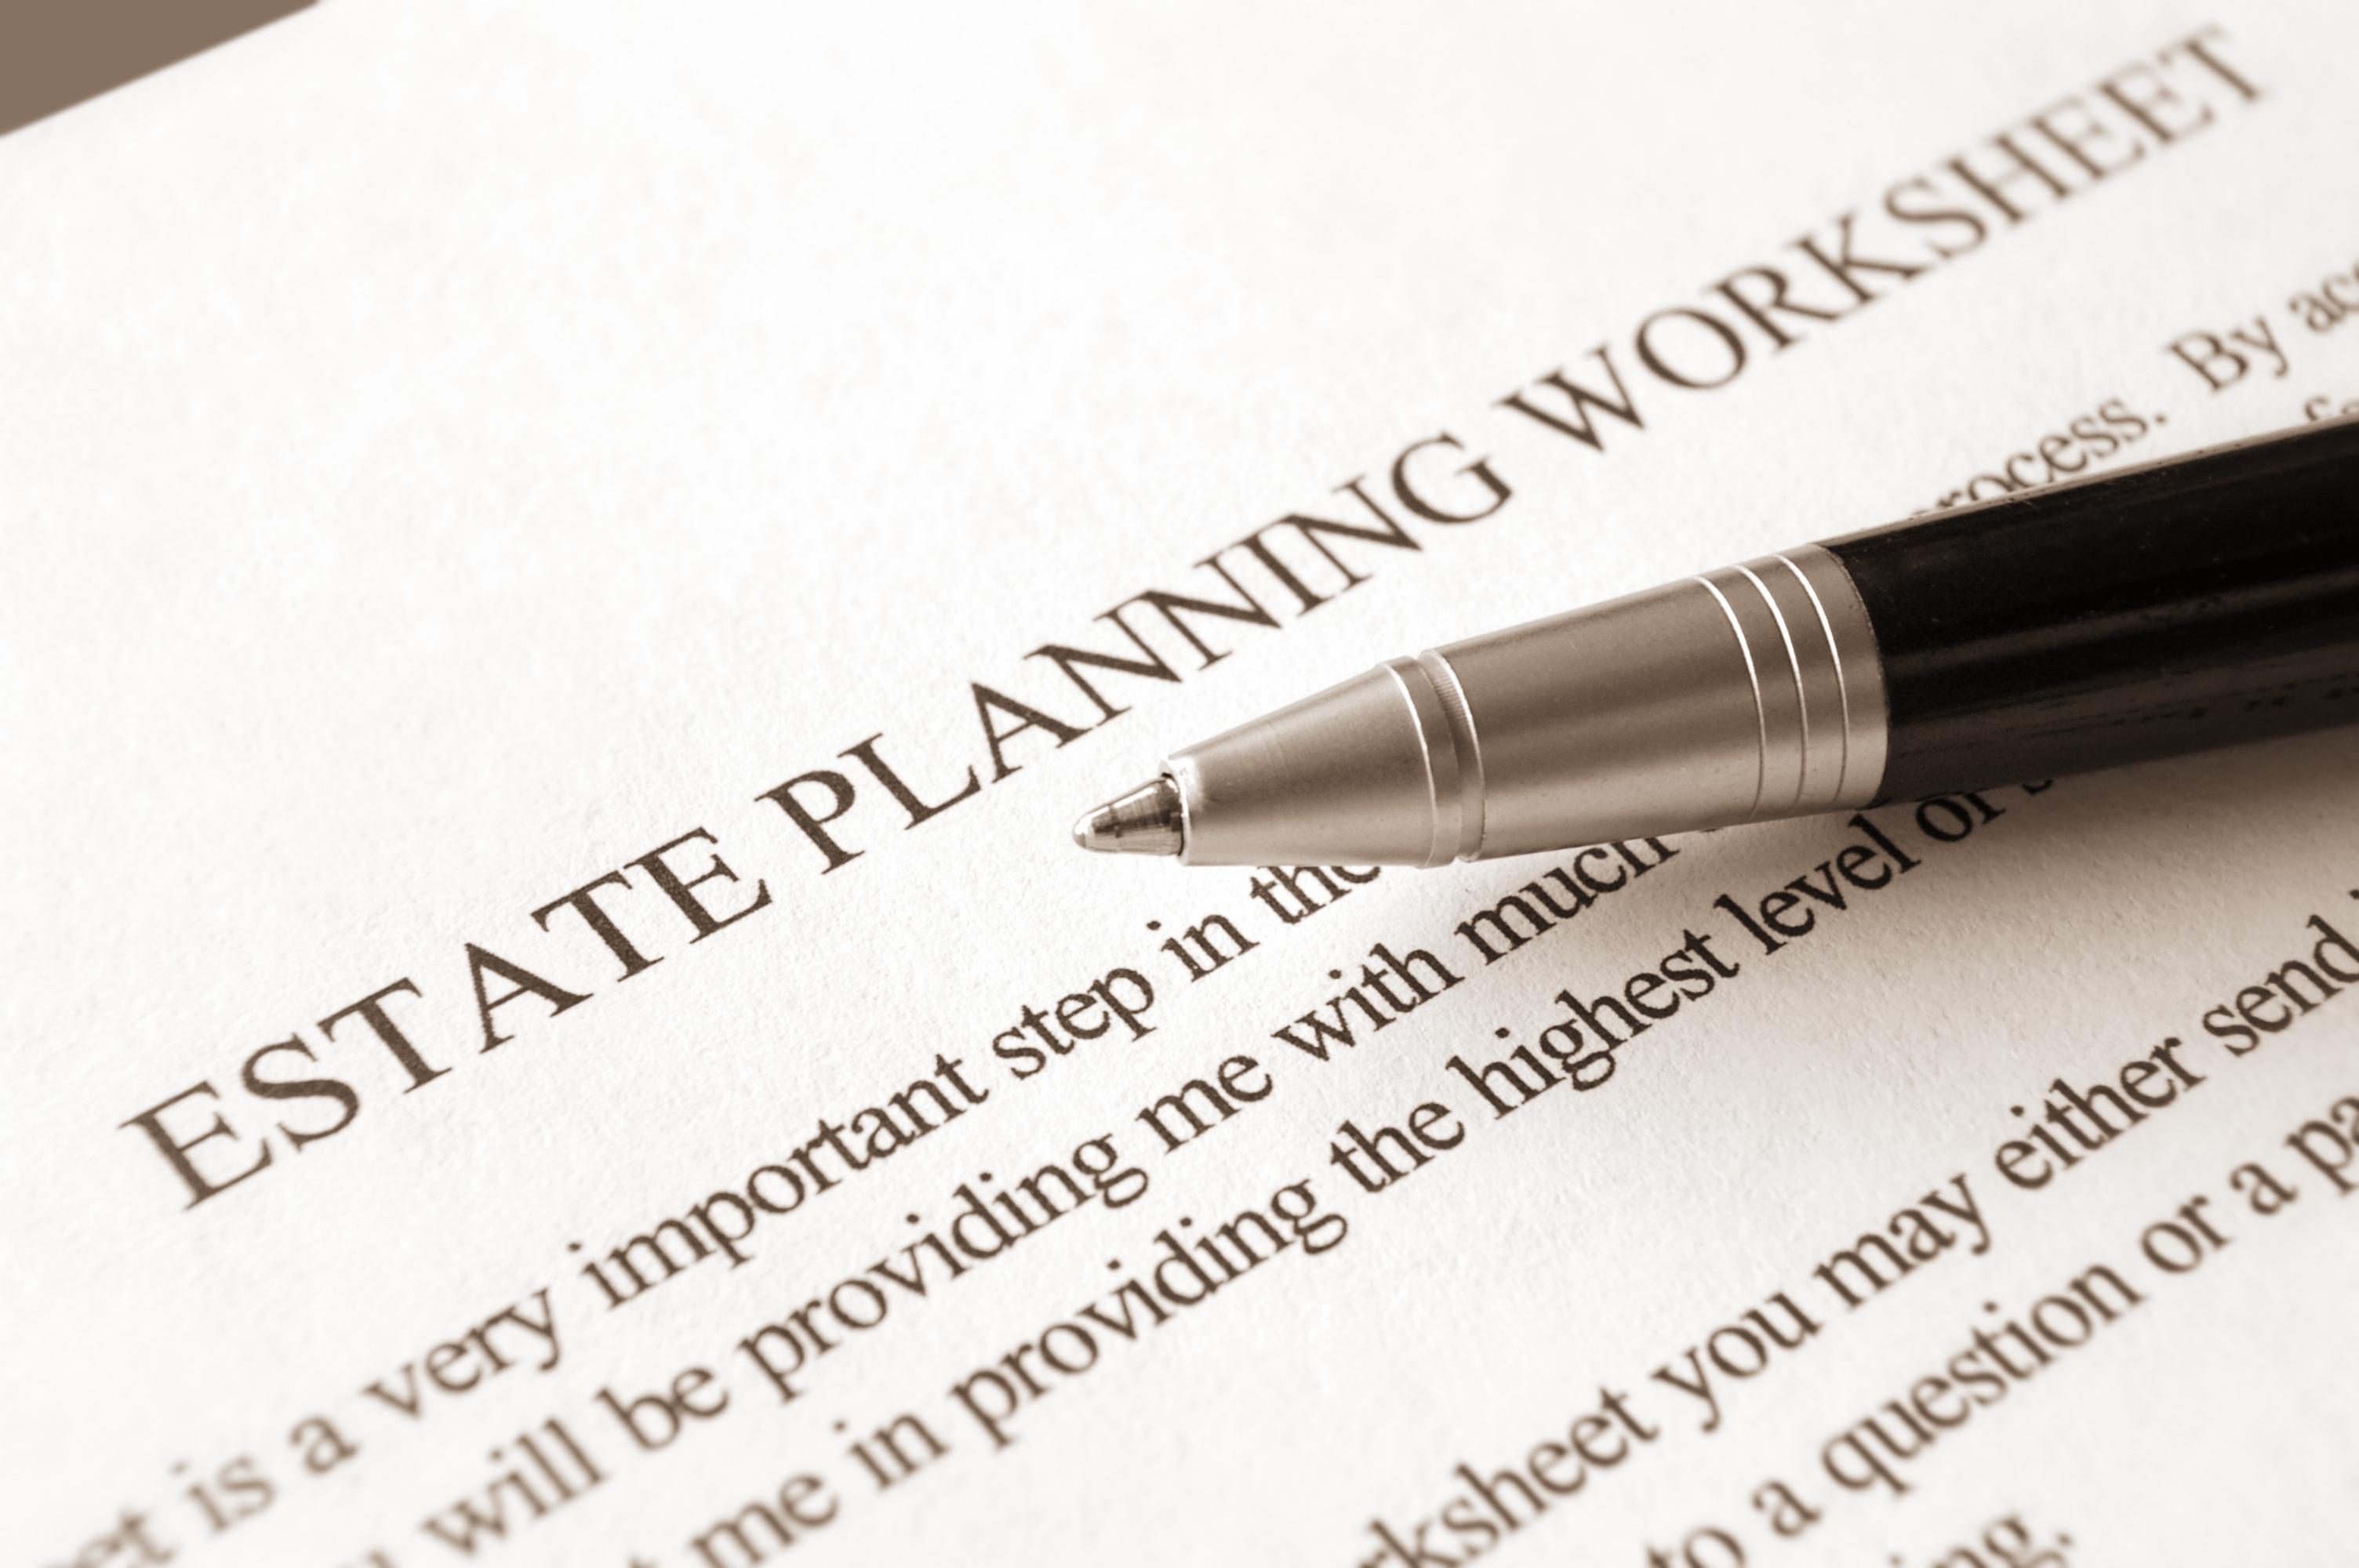 Worksheet for estate planning.